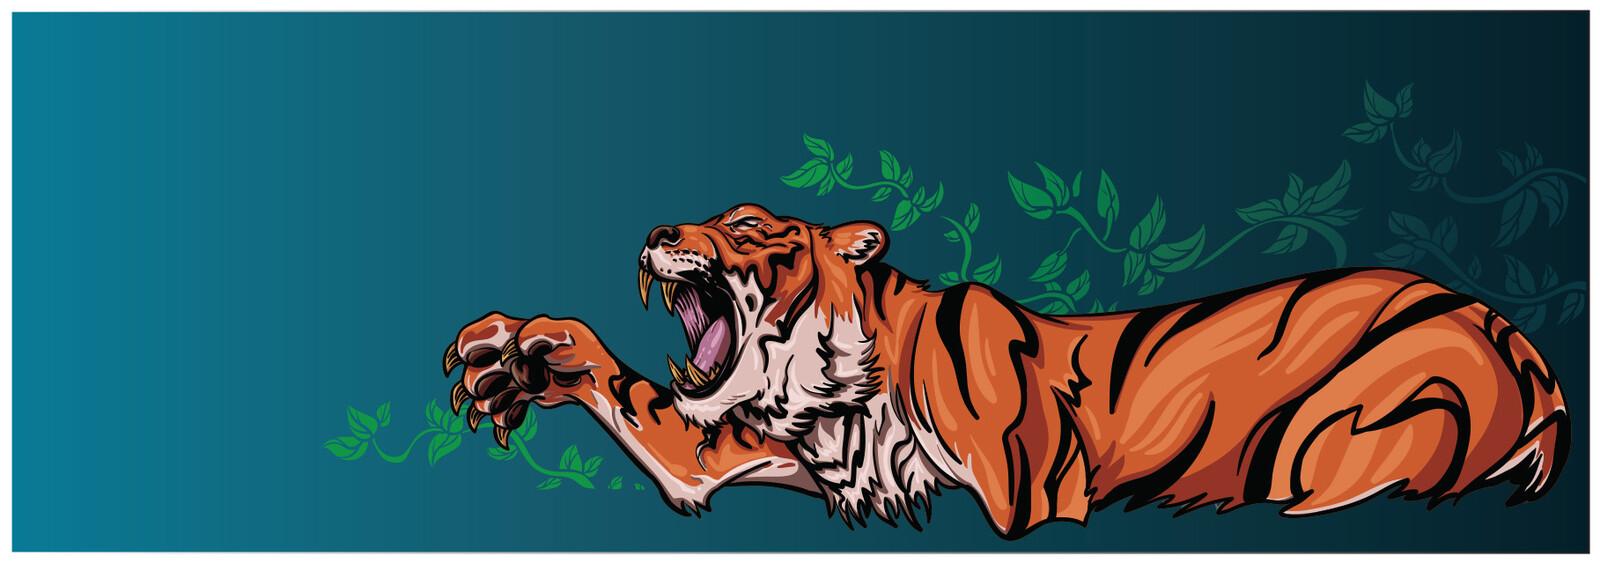 Tiger vector illustration.